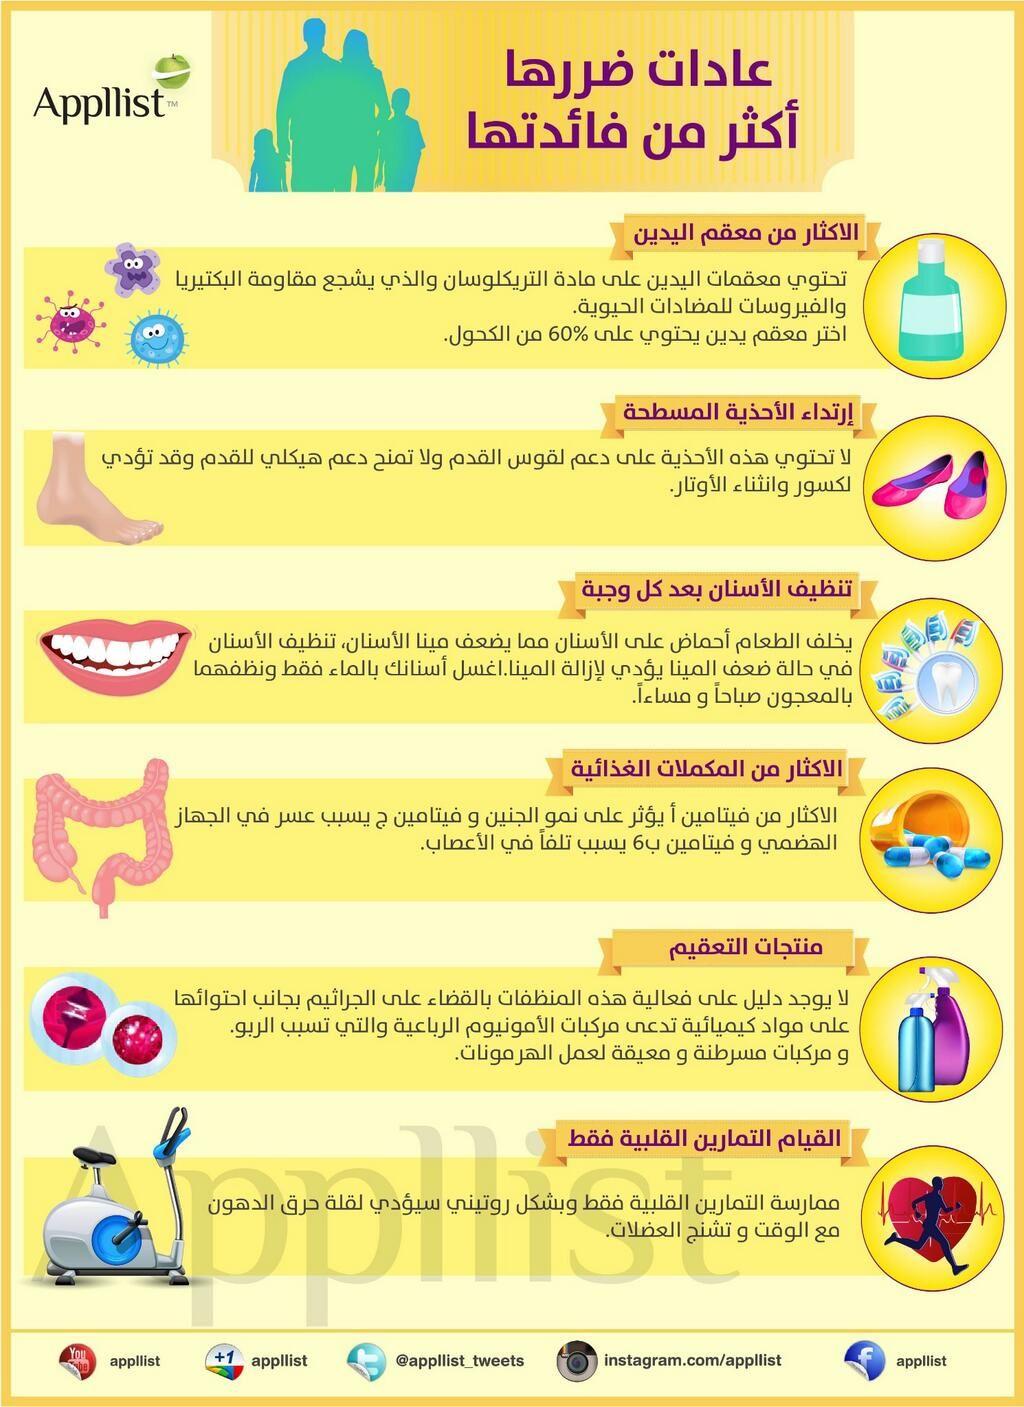 ابليست بالعربية On Twitter Health Fitness Nutrition Health Info Health Facts